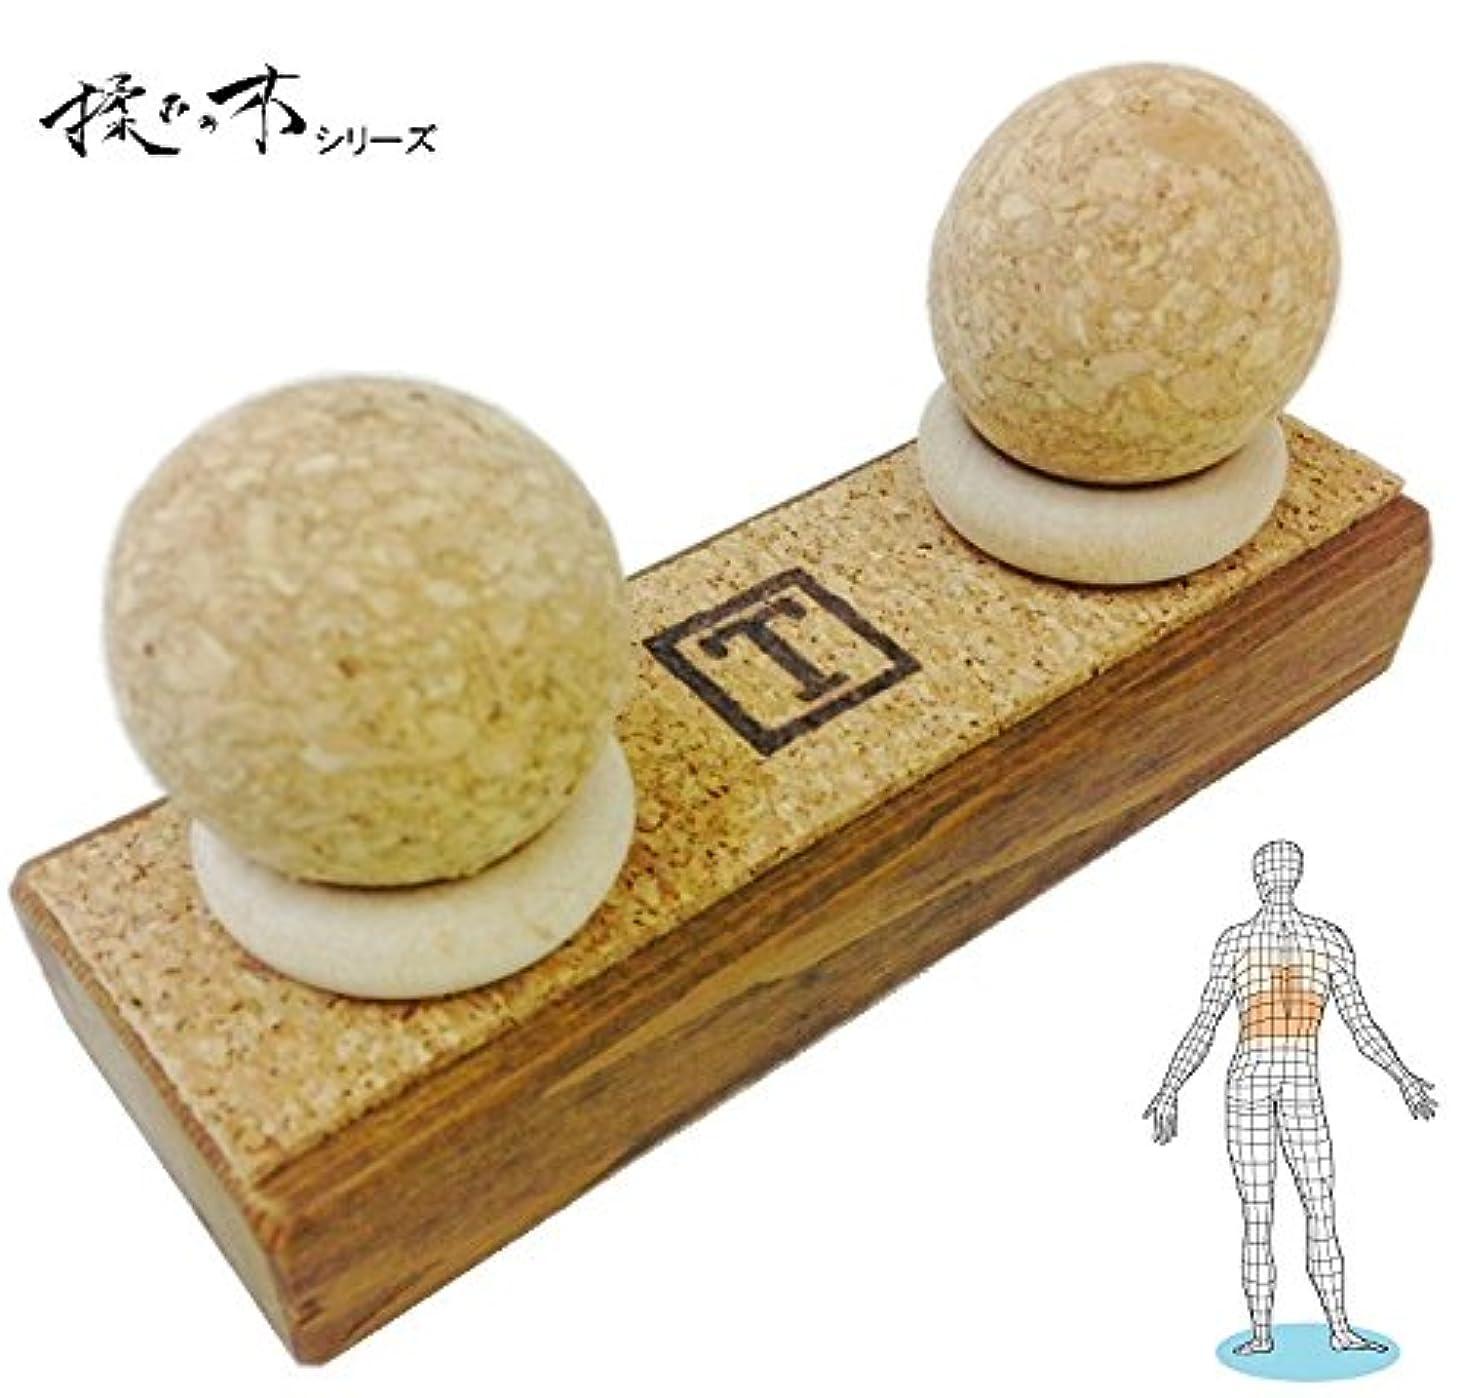 ピニオンアナニバー振動する腰プロストレッチ Standard Type 背中下部から腰のセルフマッサージを強力にサポート